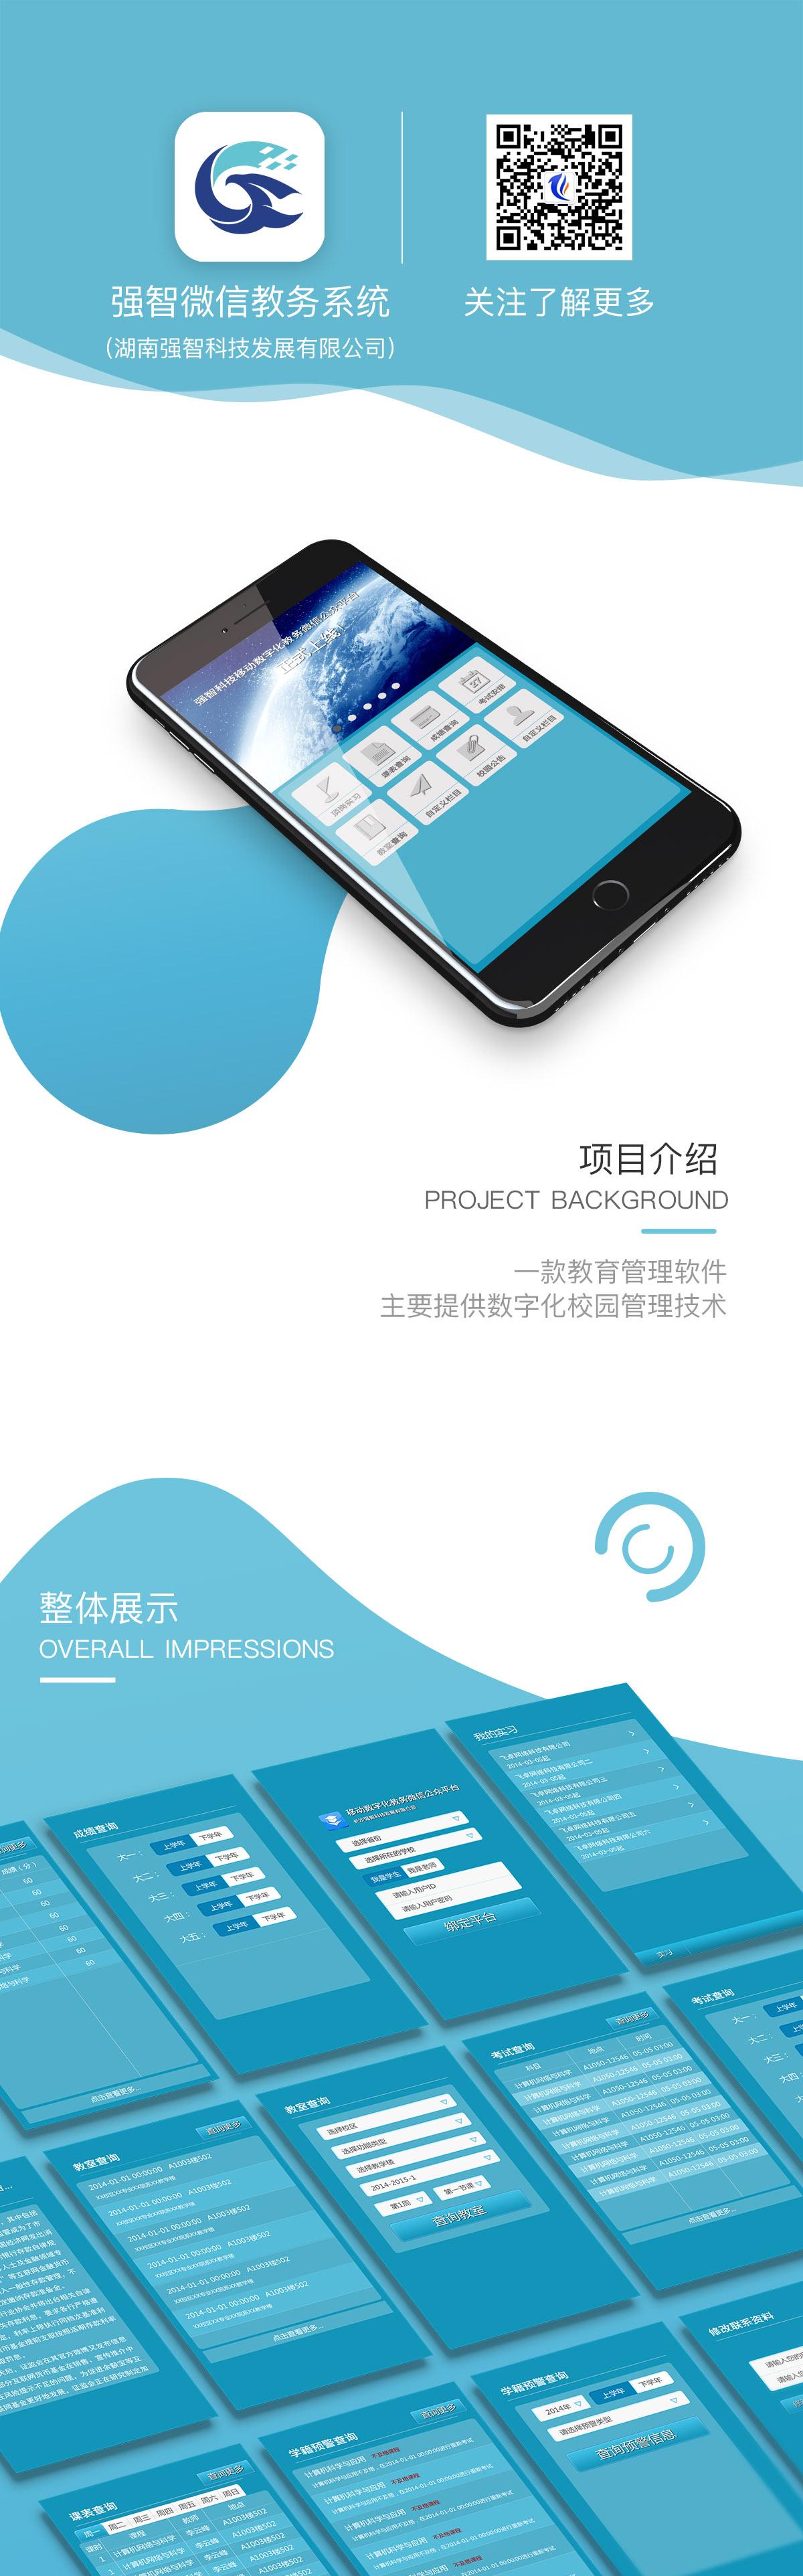 千赢国际娱乐网页版_千赢国际苹果手机APP_千赢国际官方娱乐平台专题页.jpg